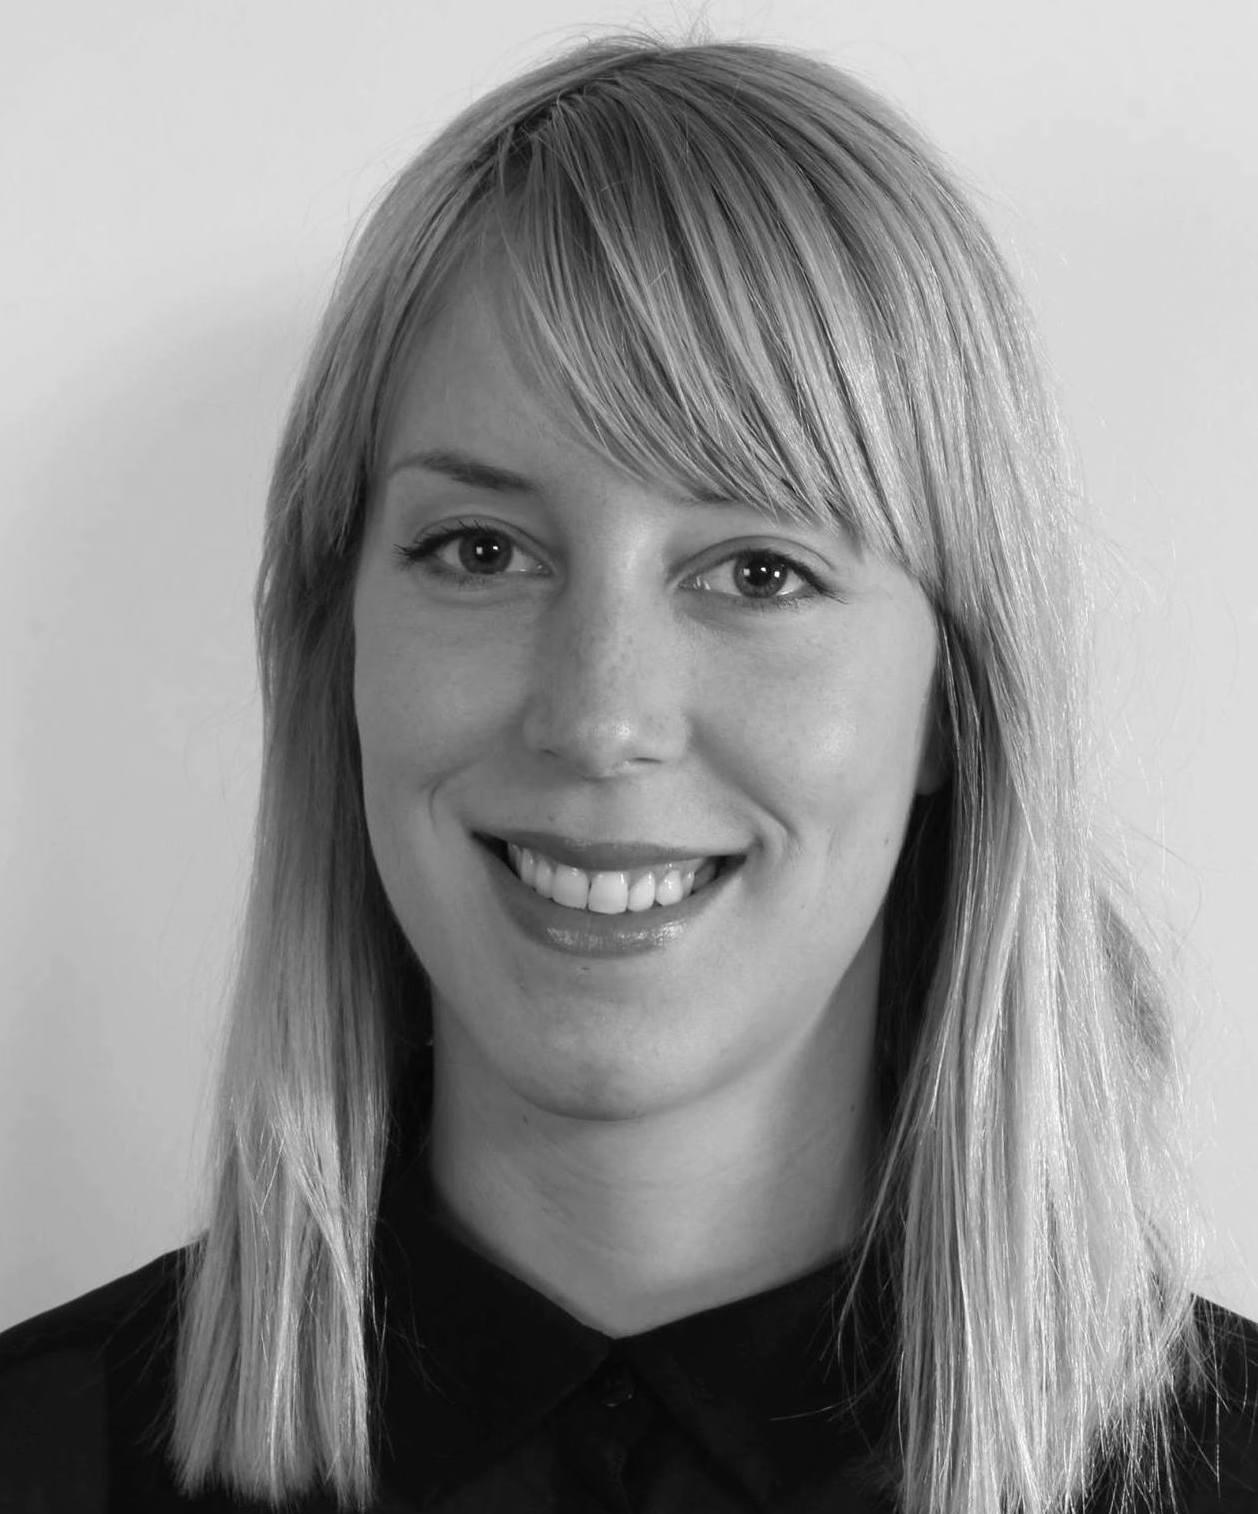 Jessica Karlsson